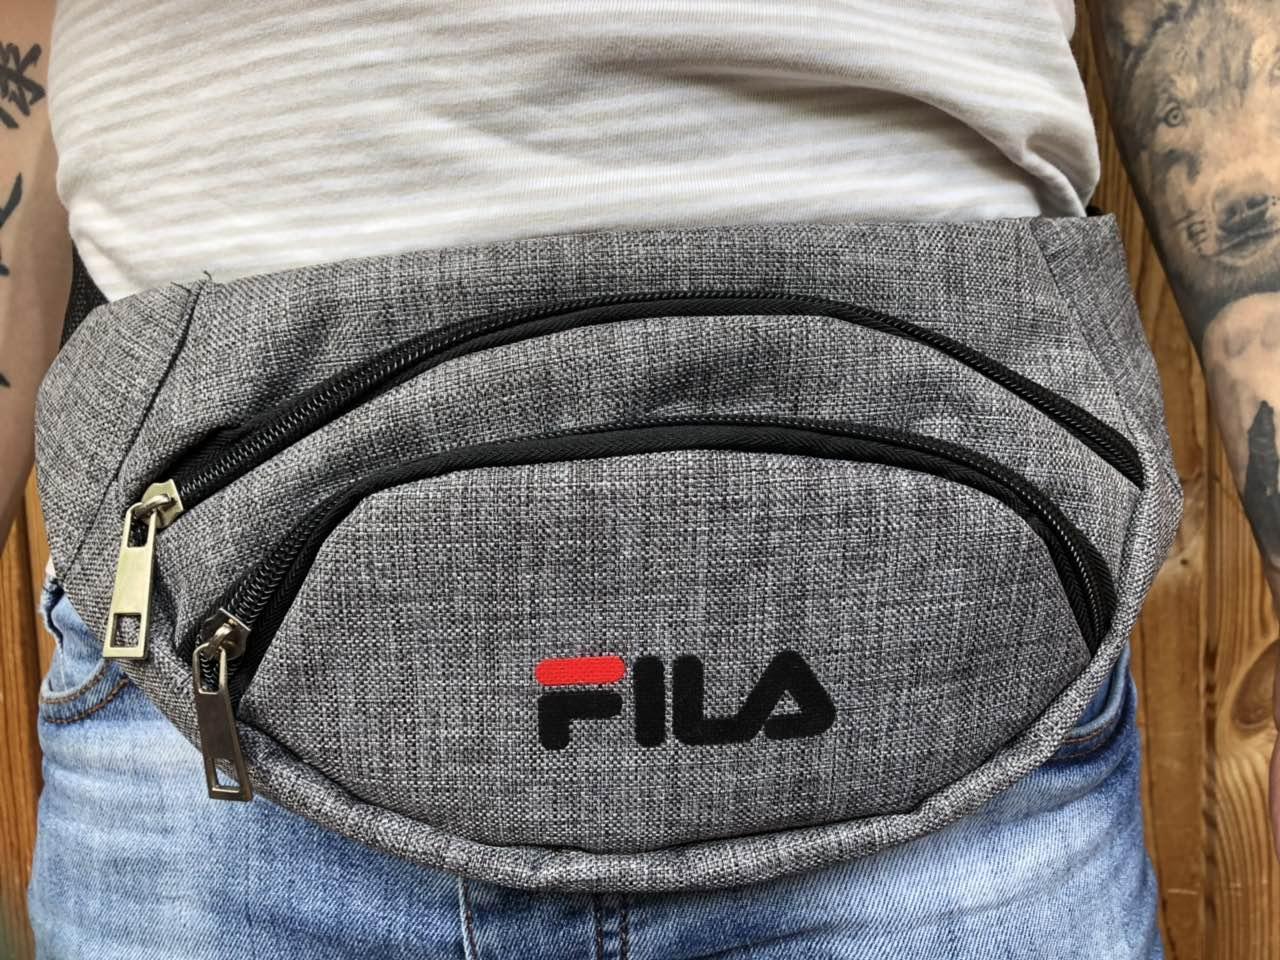 Бананка  Fila, поясная сумка фила, серая сумка на пояс Fila